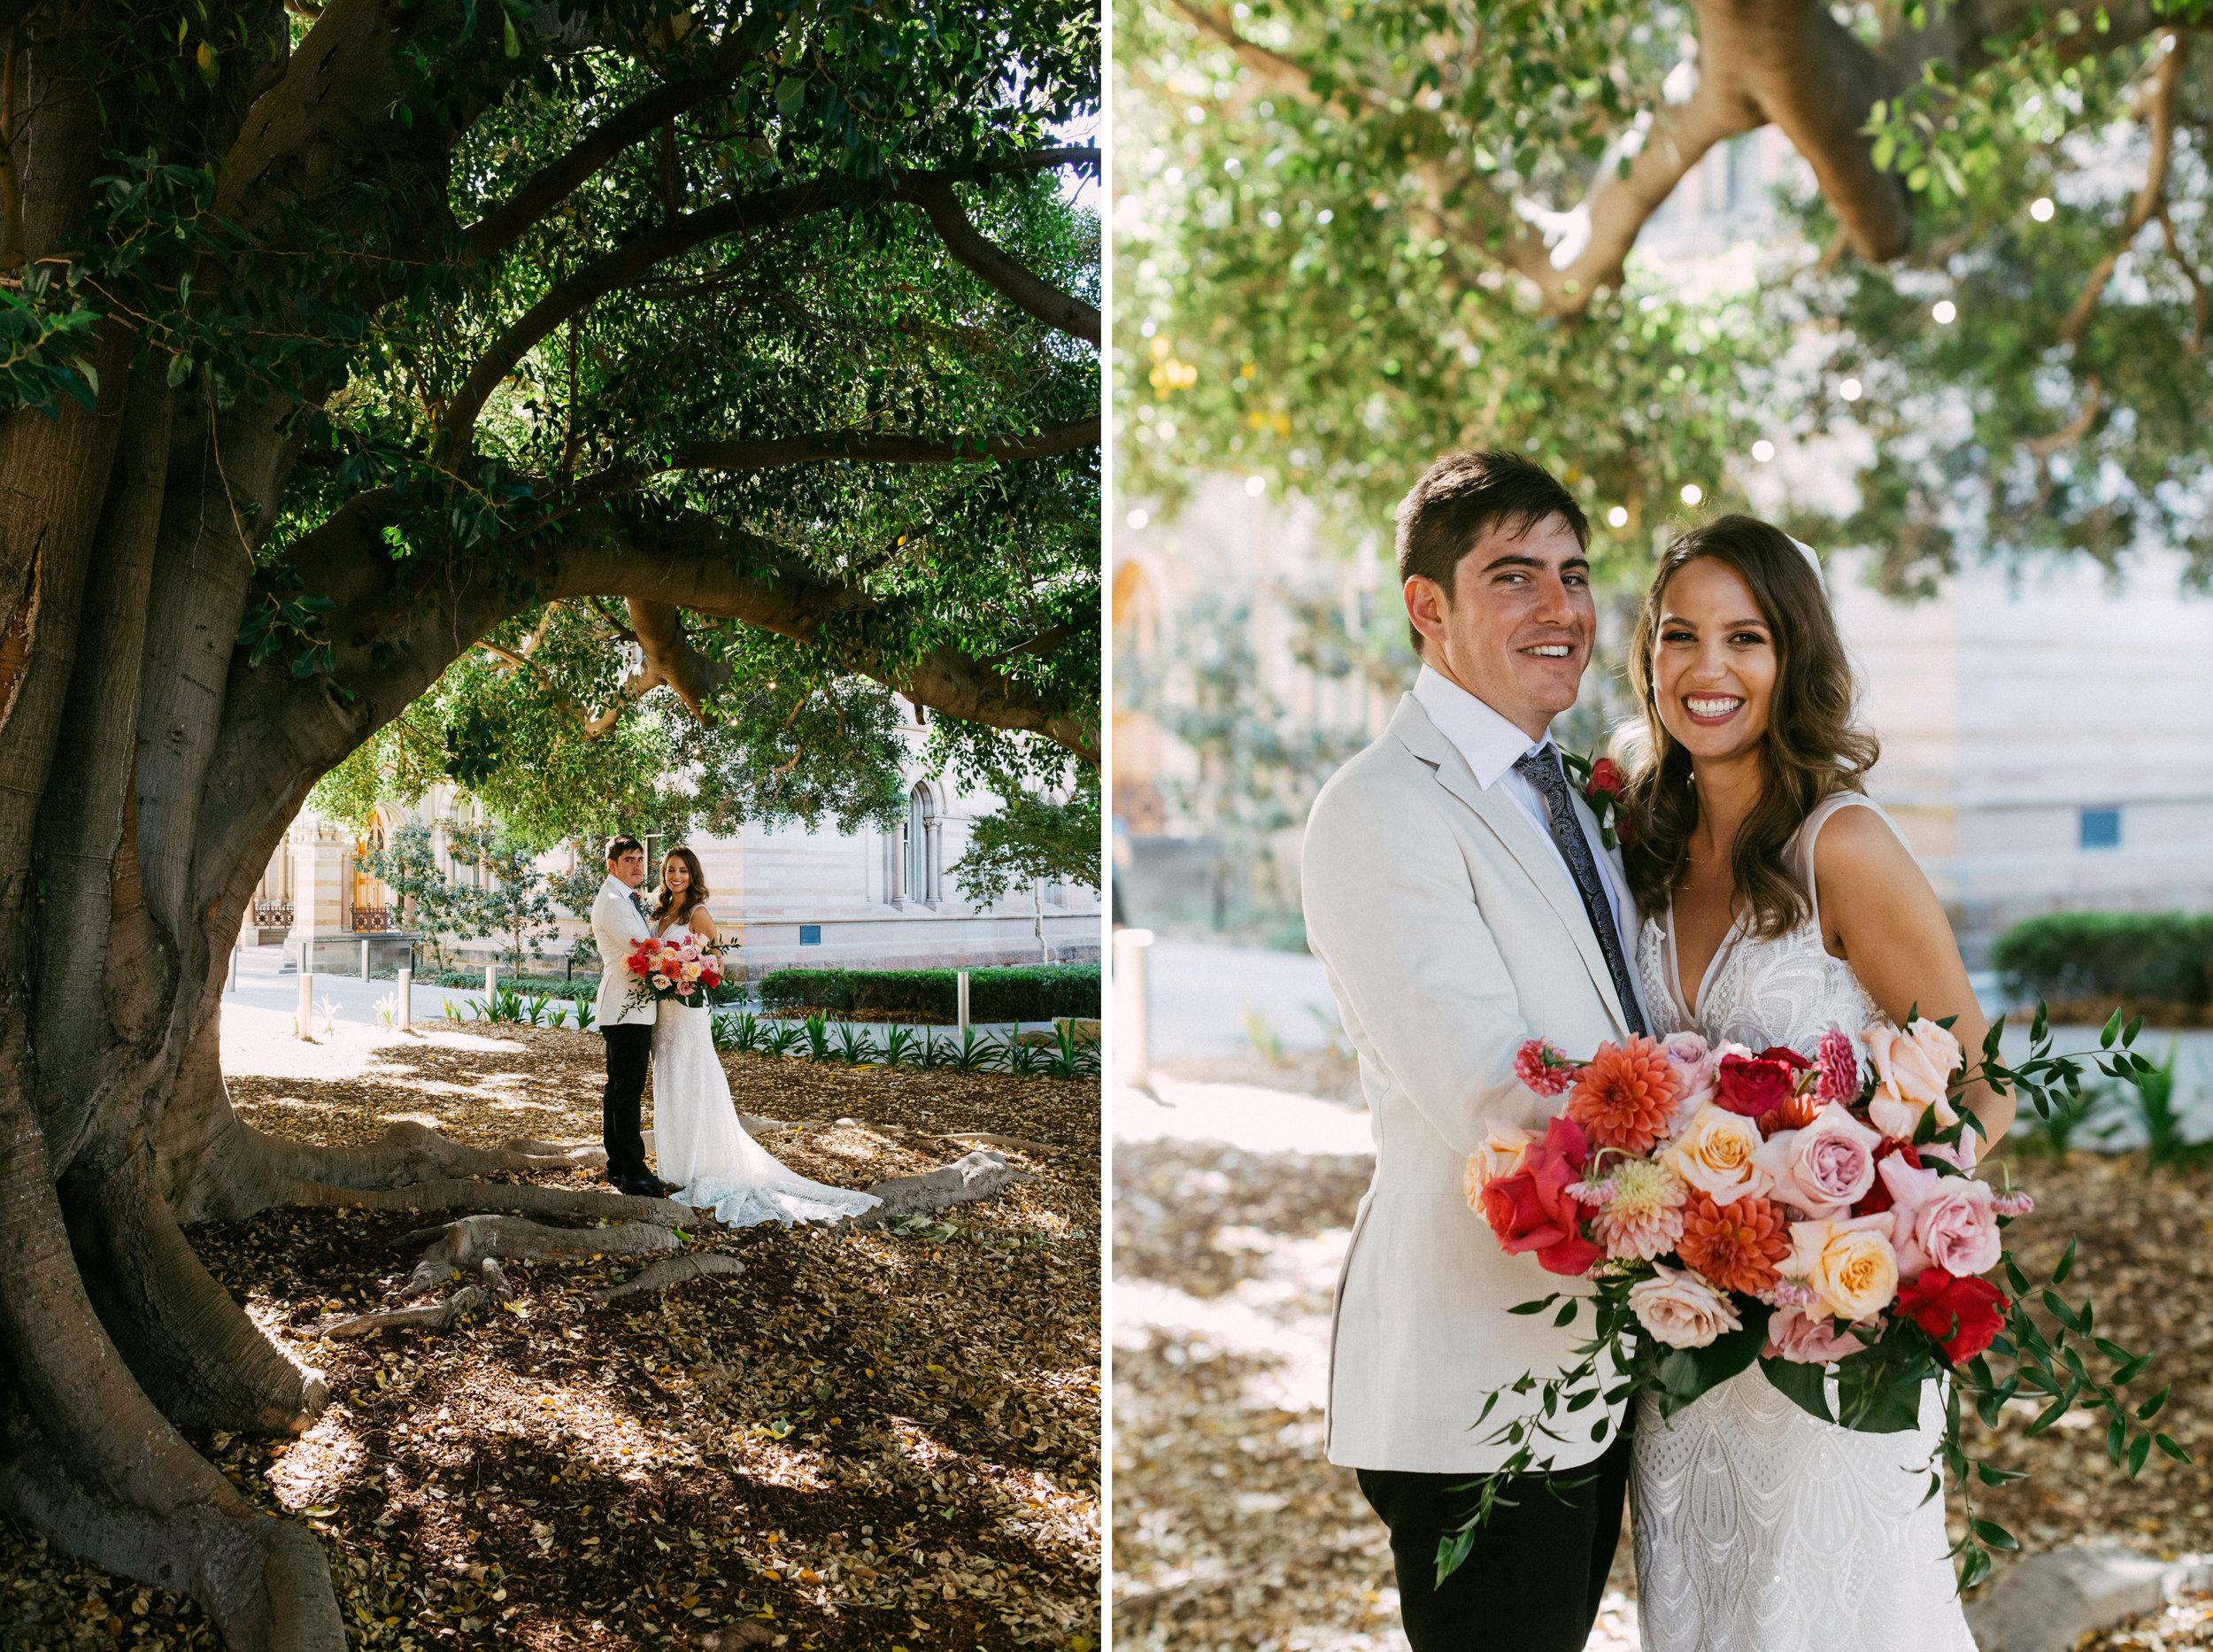 Adelaide City Fringe Garden Unearthly Delight Wedding 066.jpg